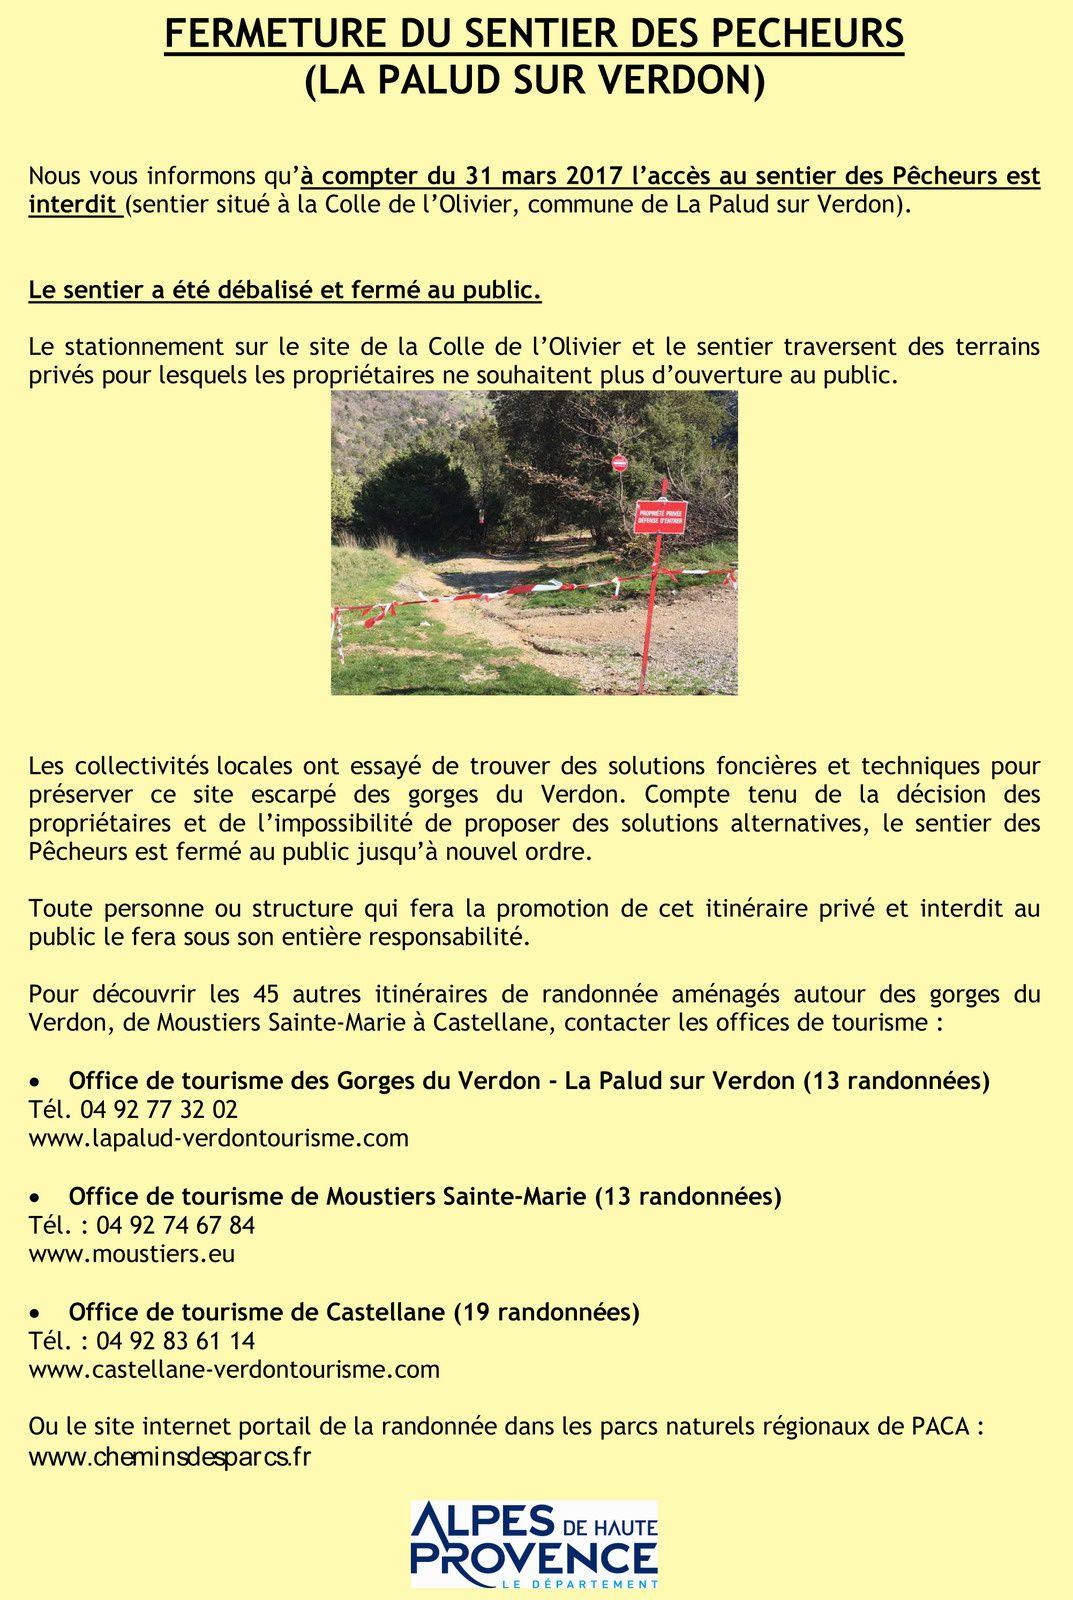 FERMETURE DU SENTIER DES PECHEURS ( Gorges du Verdon )